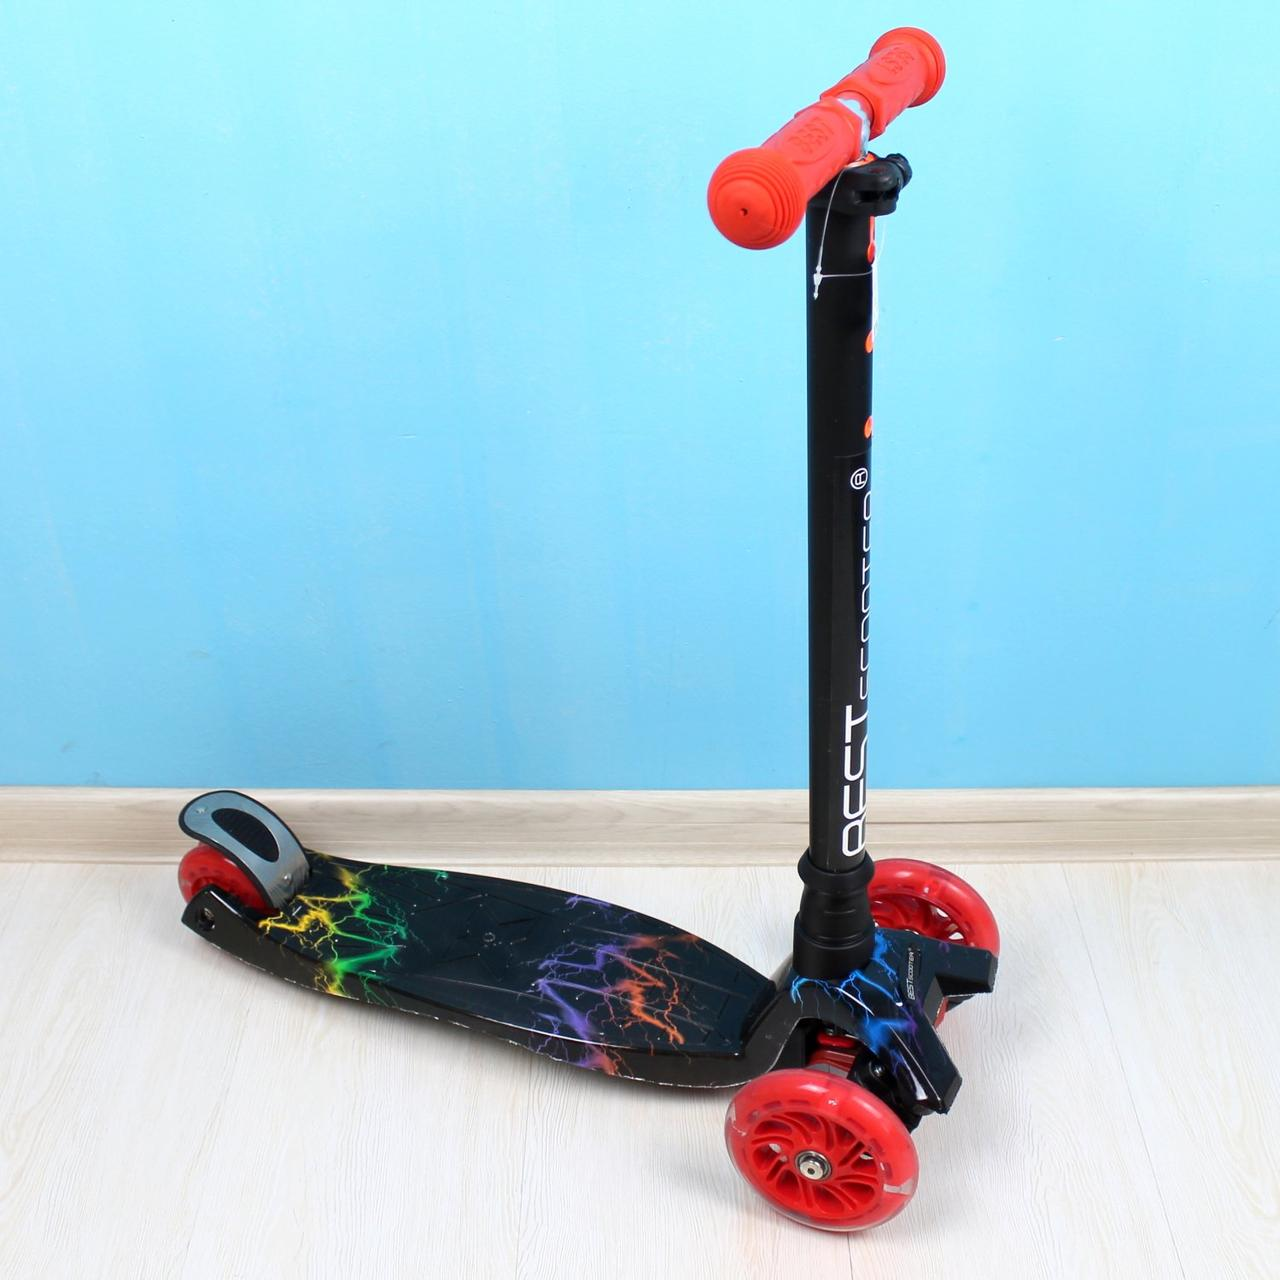 """Самокат MAXI """"Best Scooter"""" черный  пластмассовый, 4 колеса PU, свет, трубка руля алюминиевая, d=12см"""